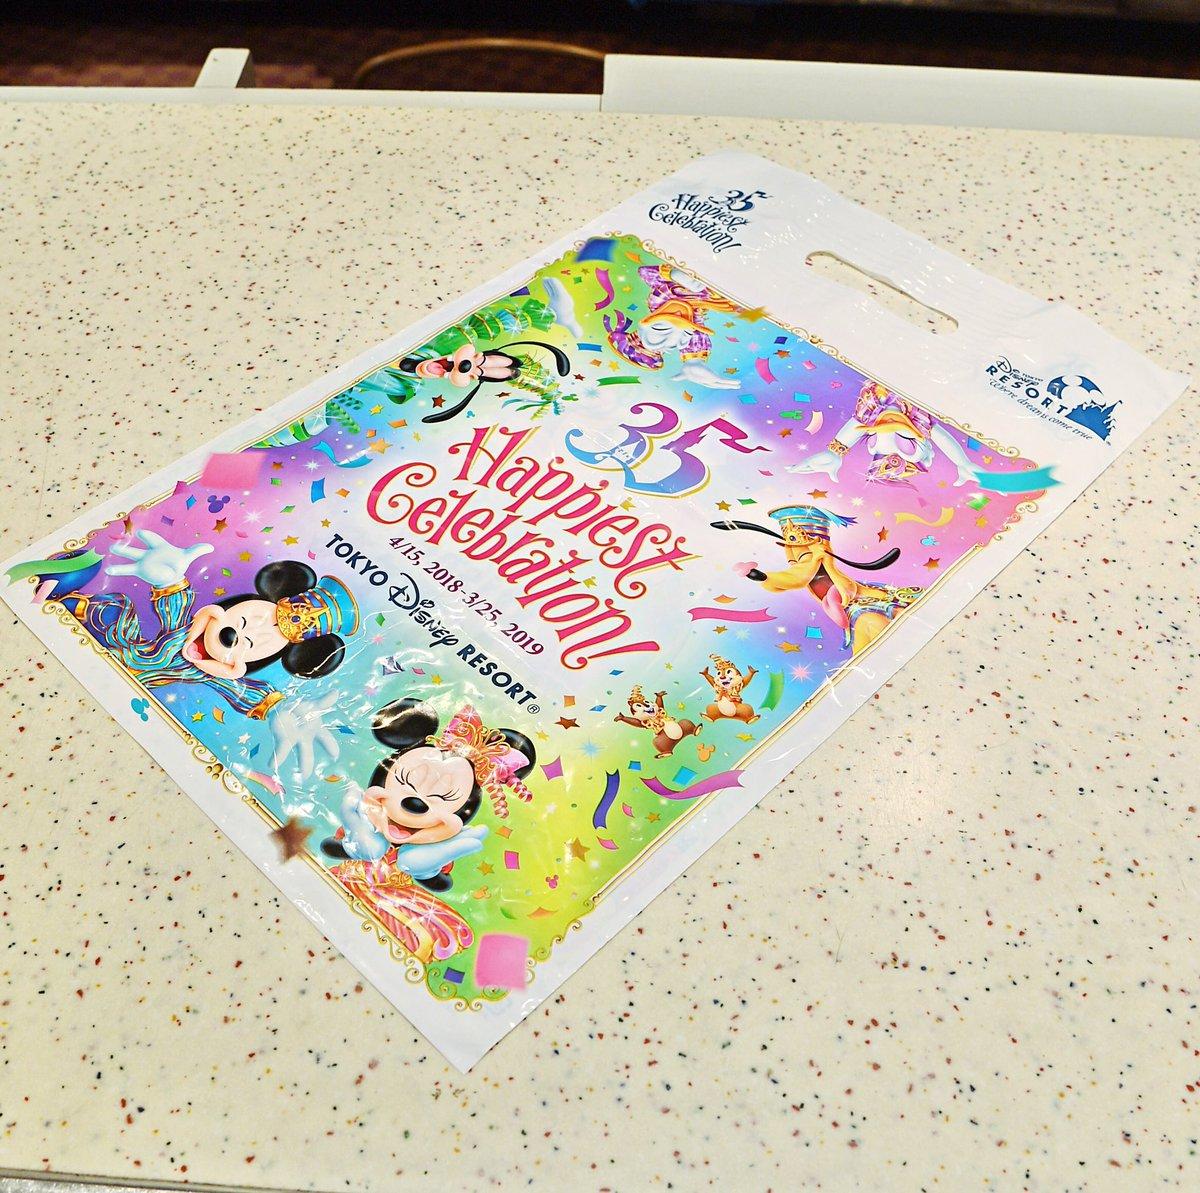 ディズニー・イースター、東京ディズニーリゾート35周年デザインの